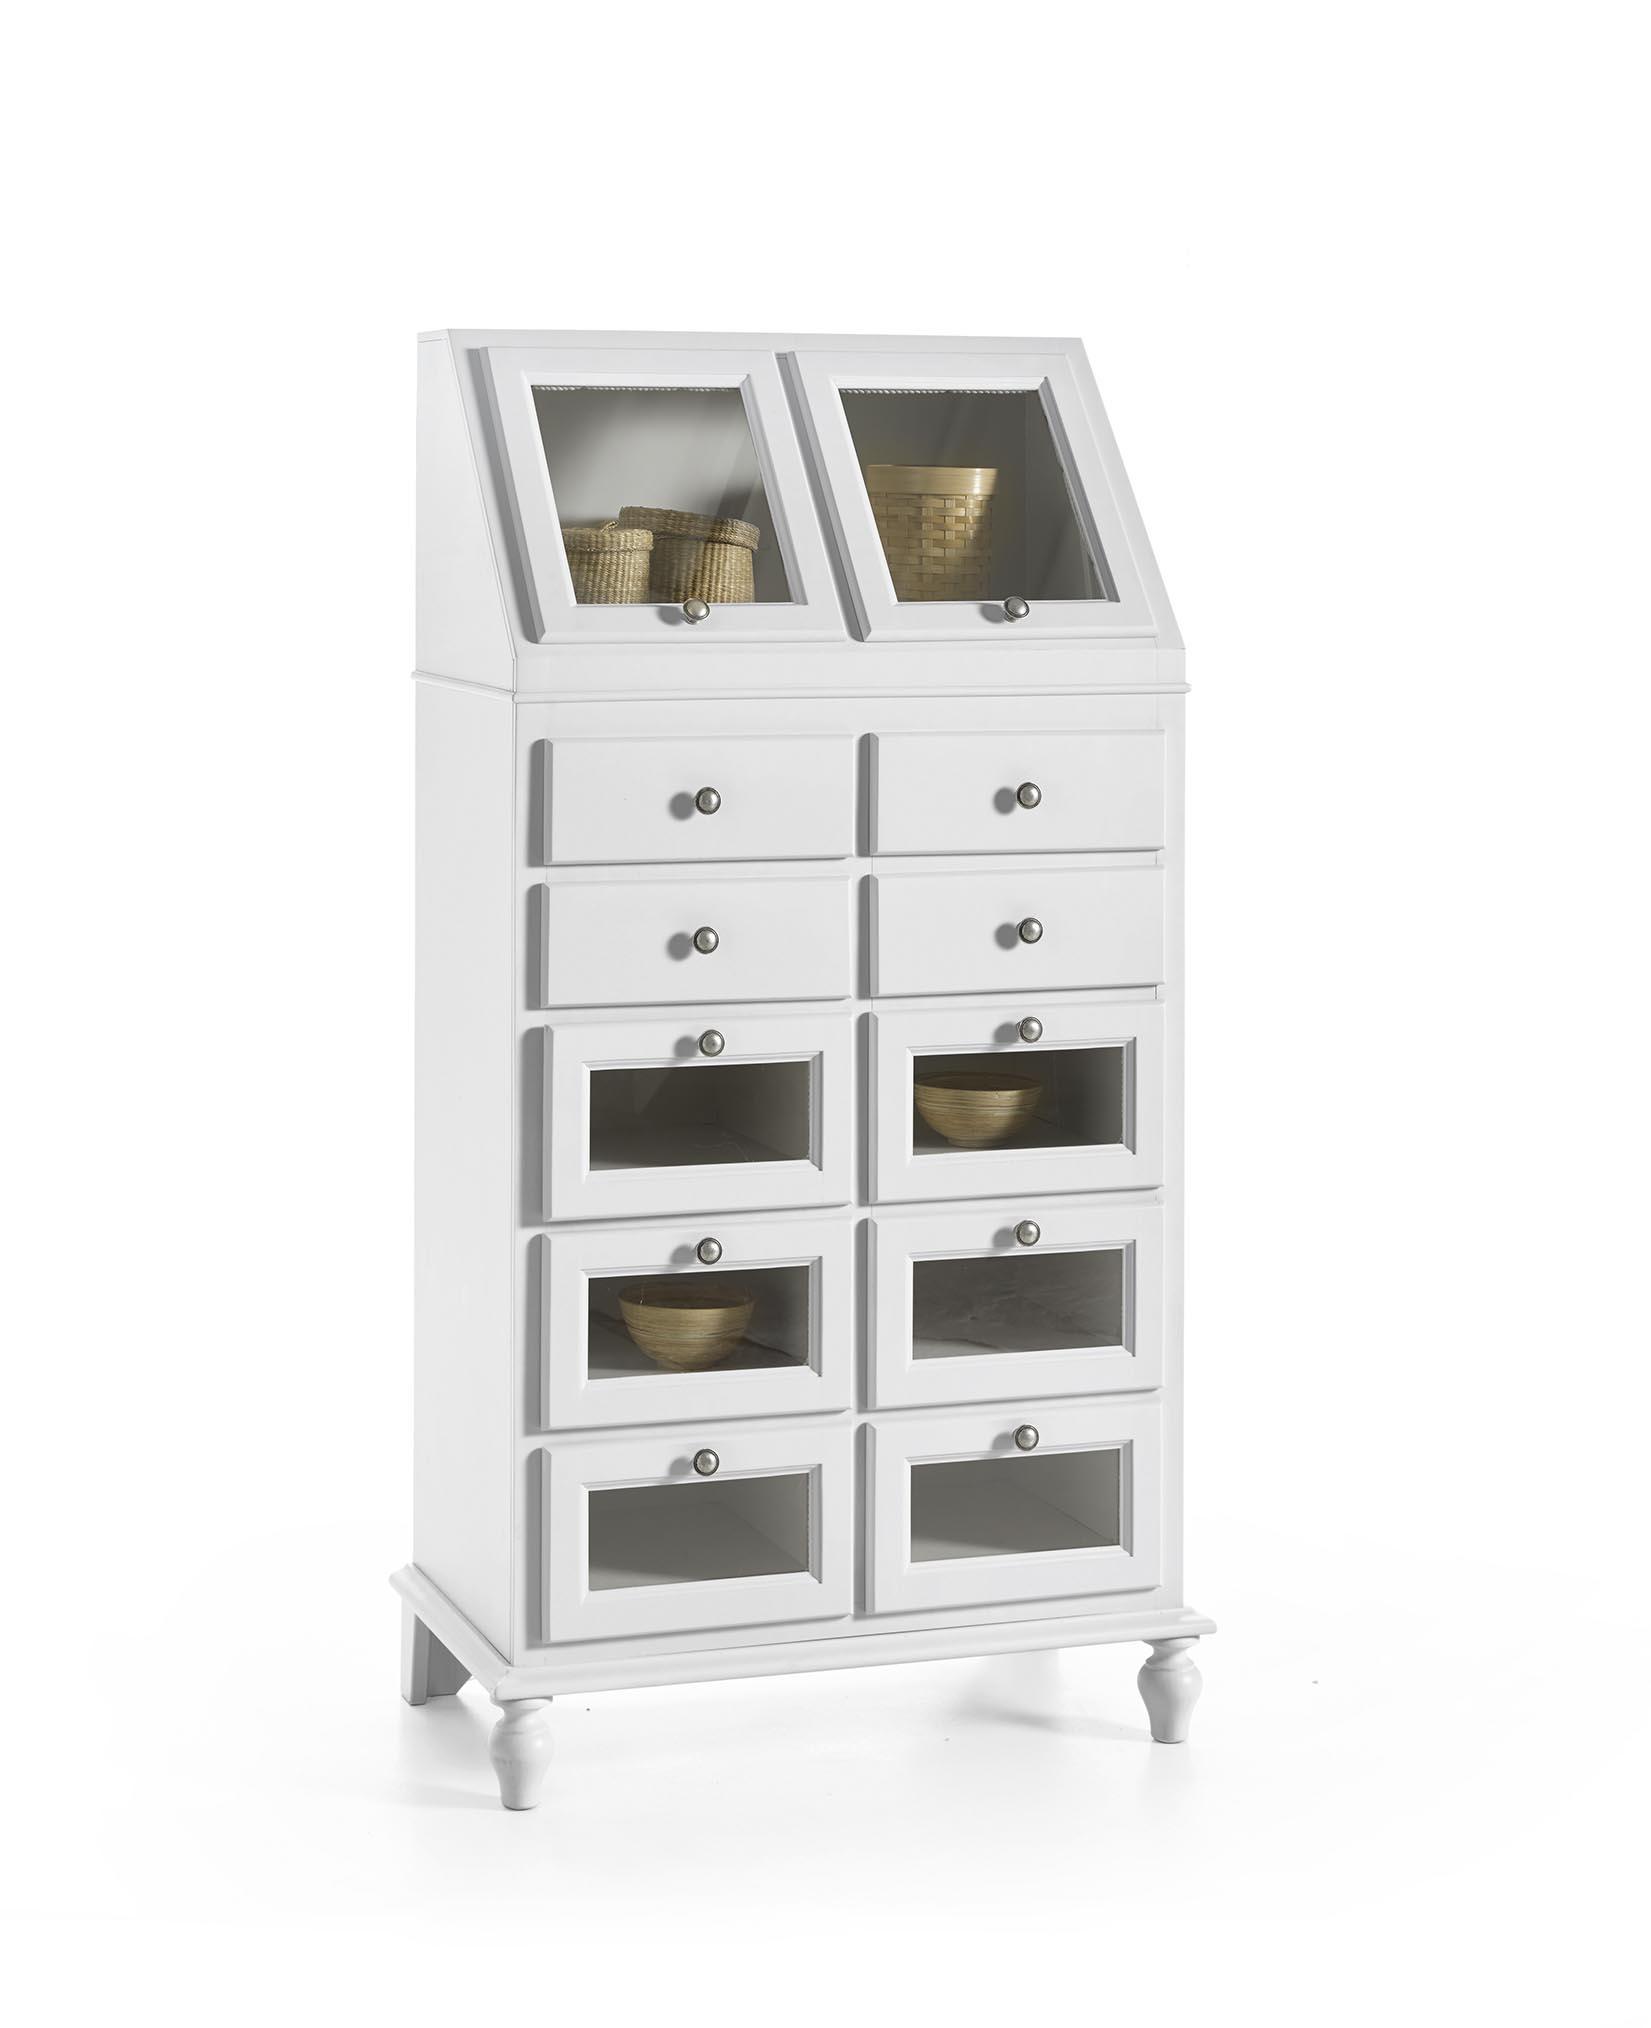 Dispensa con cassetti in legno mobile artigianale - Mobile con cassetti per cucina ...